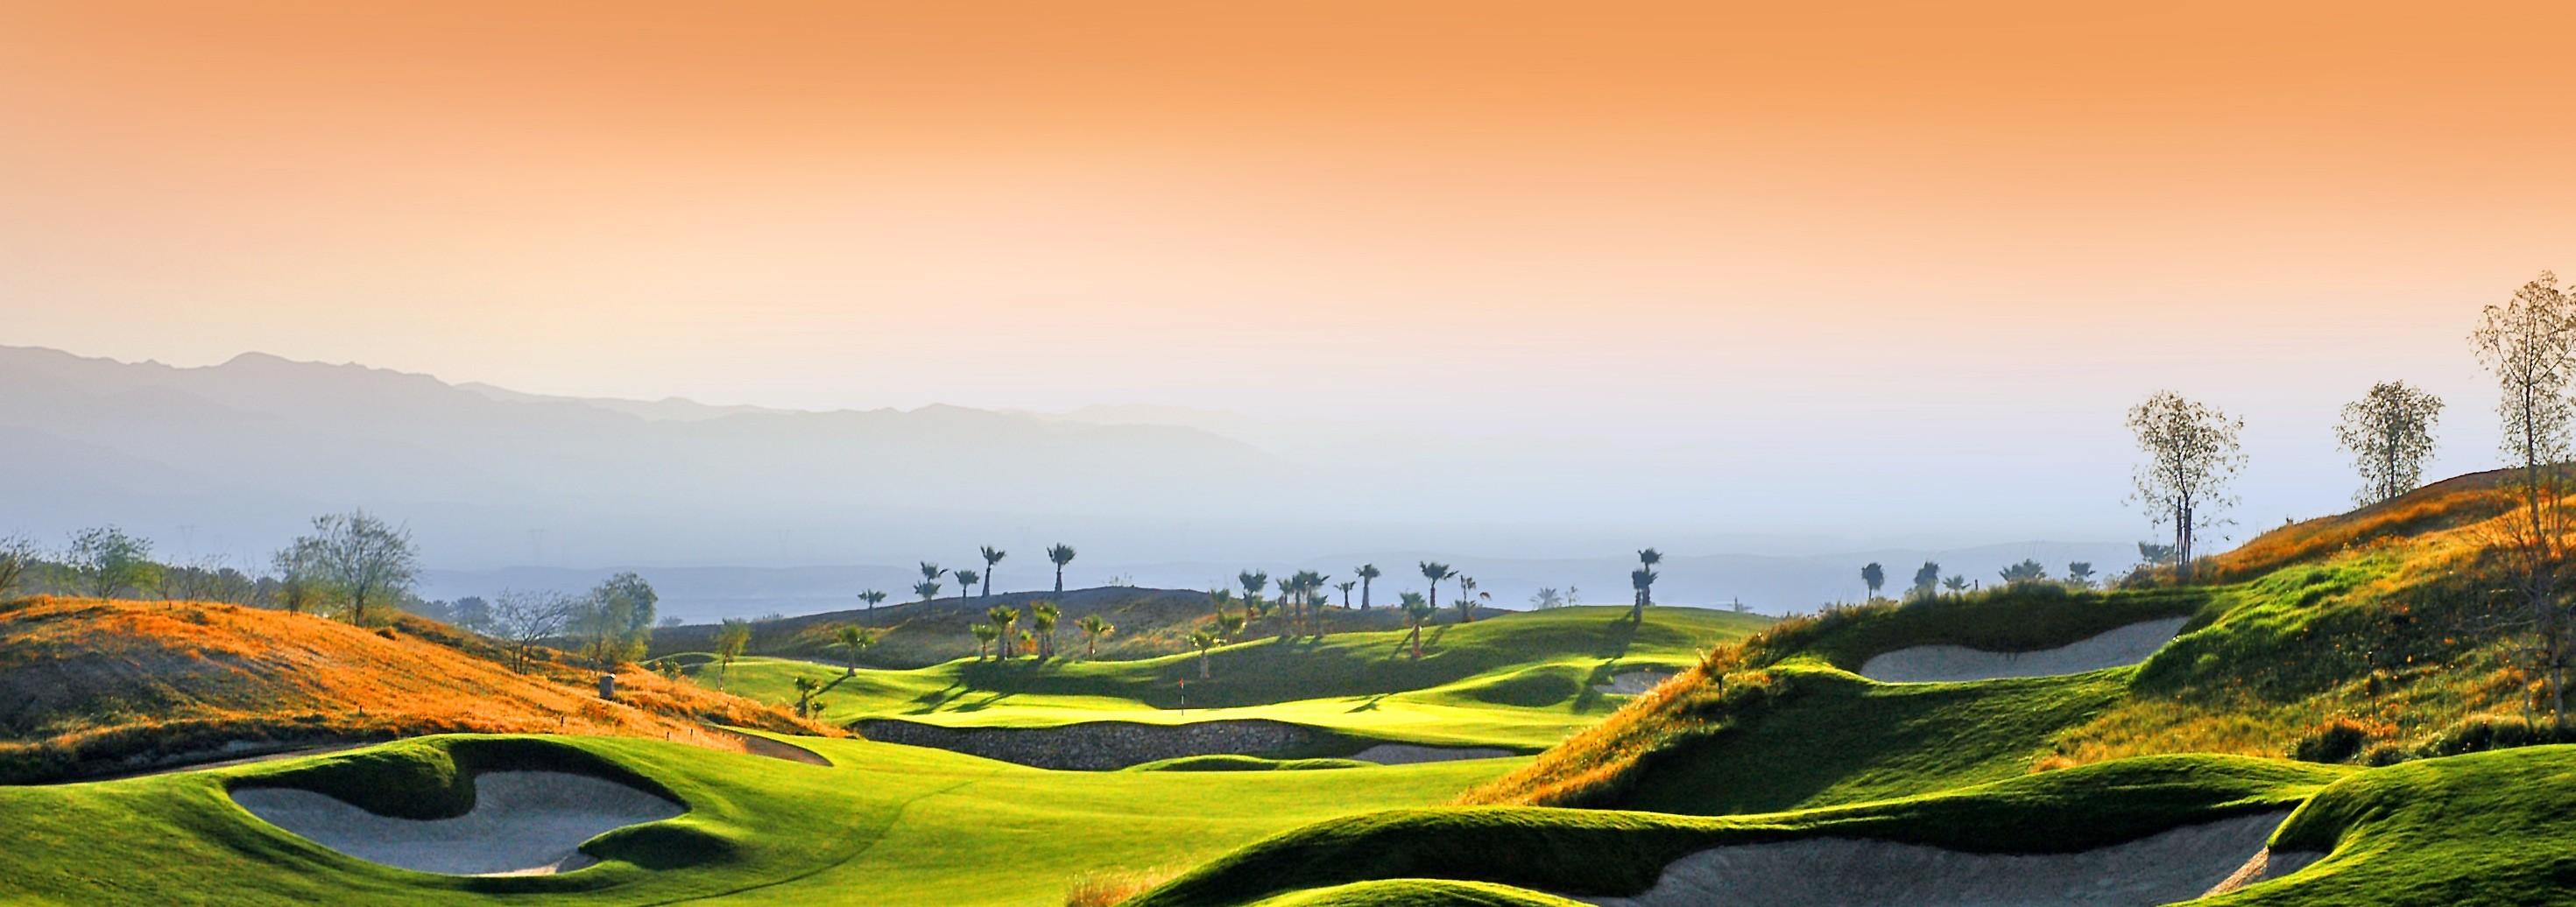 golf-e1446364110101